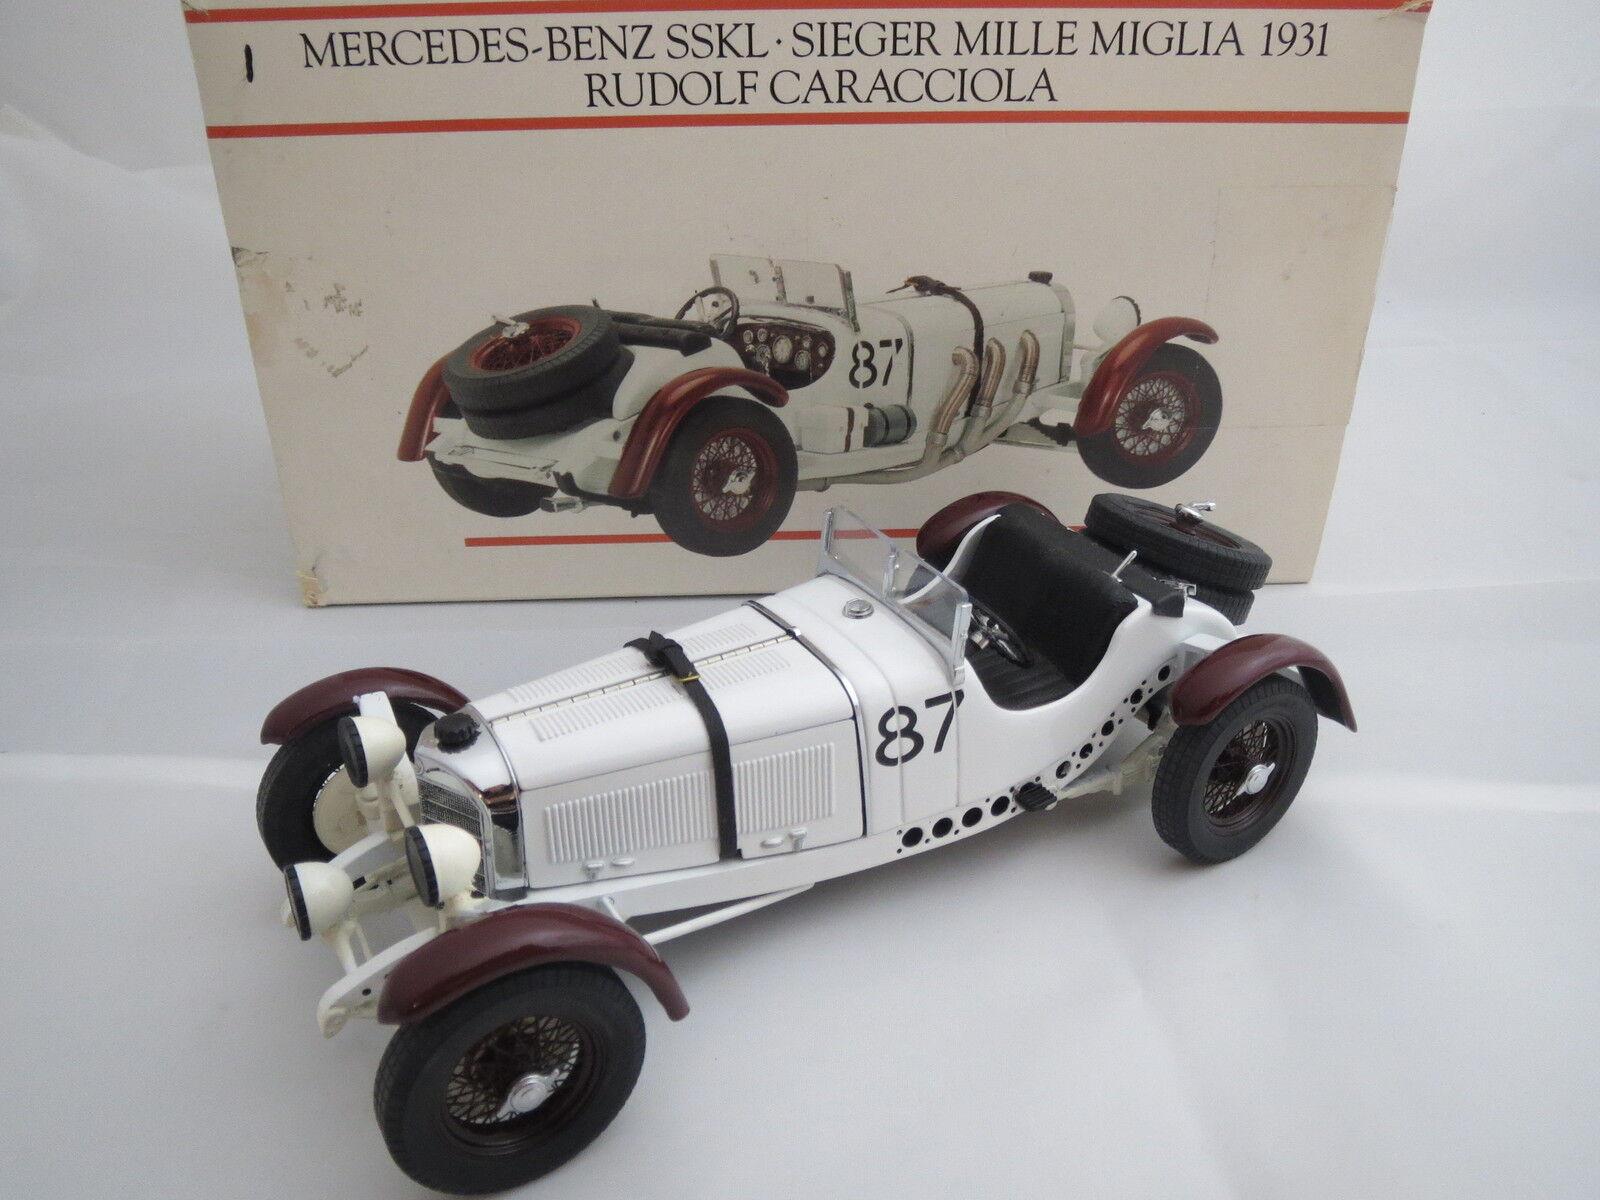 Minichamps Mercedes-Benz SSKL Sieger Mille Miglia 1931, 1 24  OVP